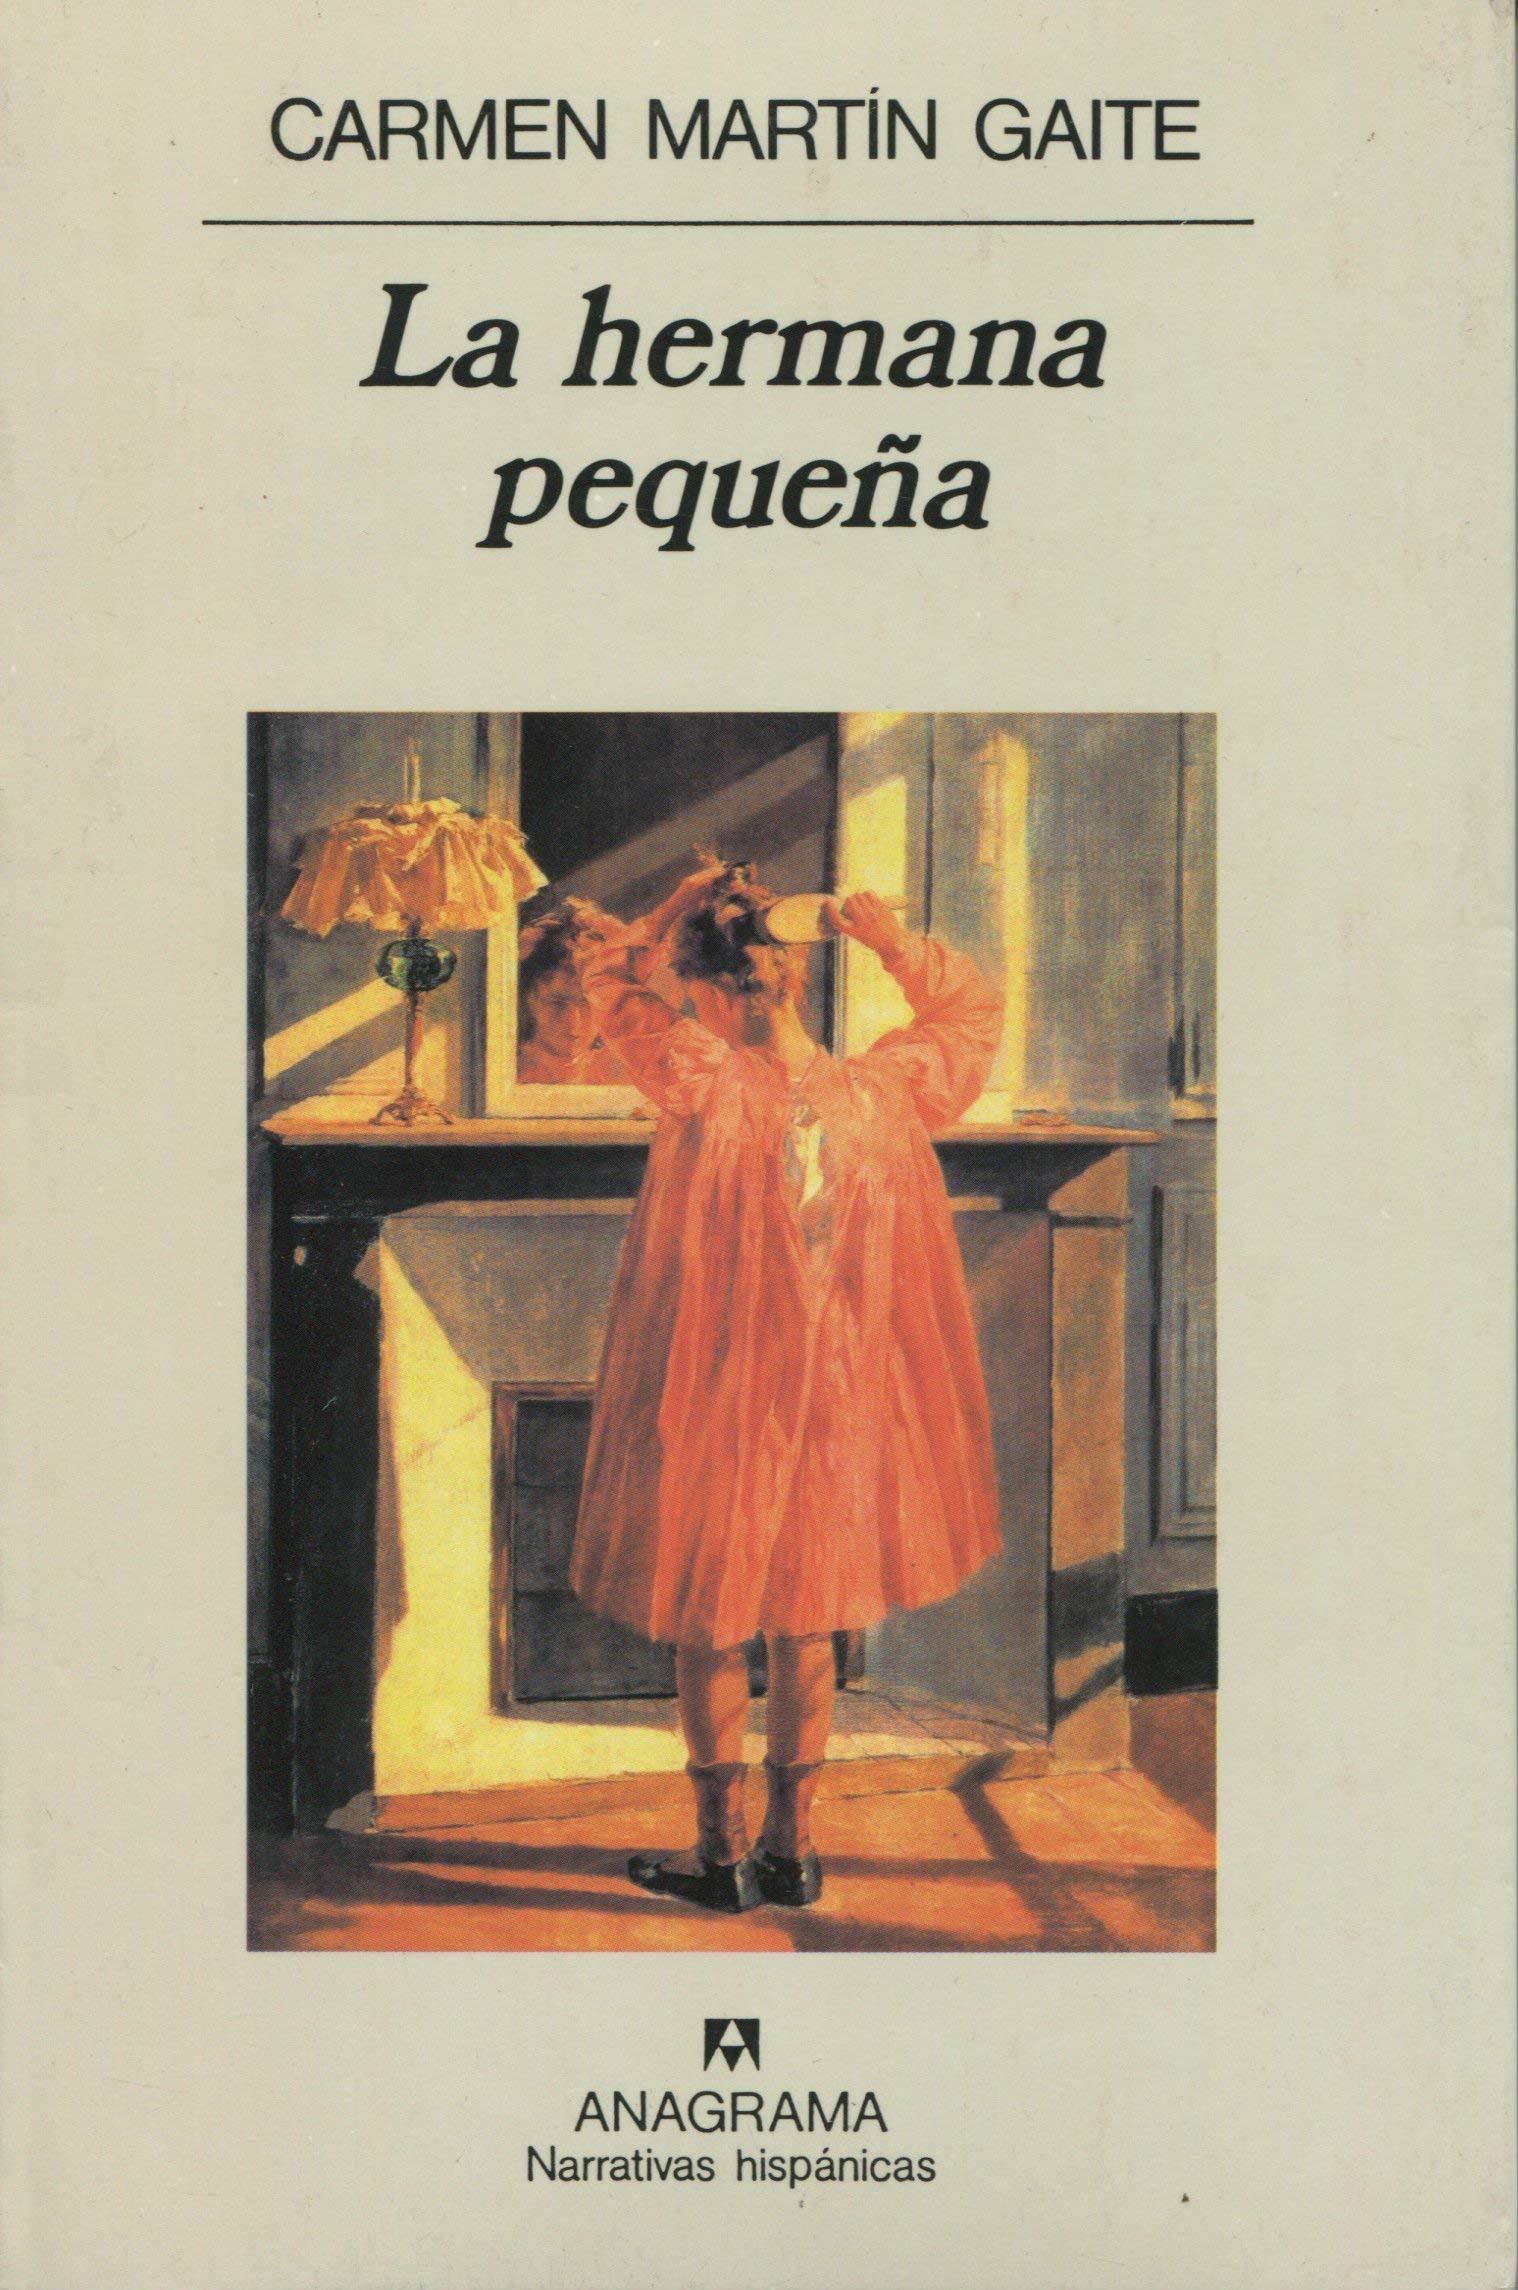 La hermana pequeña: 263 (Narrativas hispánicas): Amazon.es: Martín Gaite, Carmen: Libros